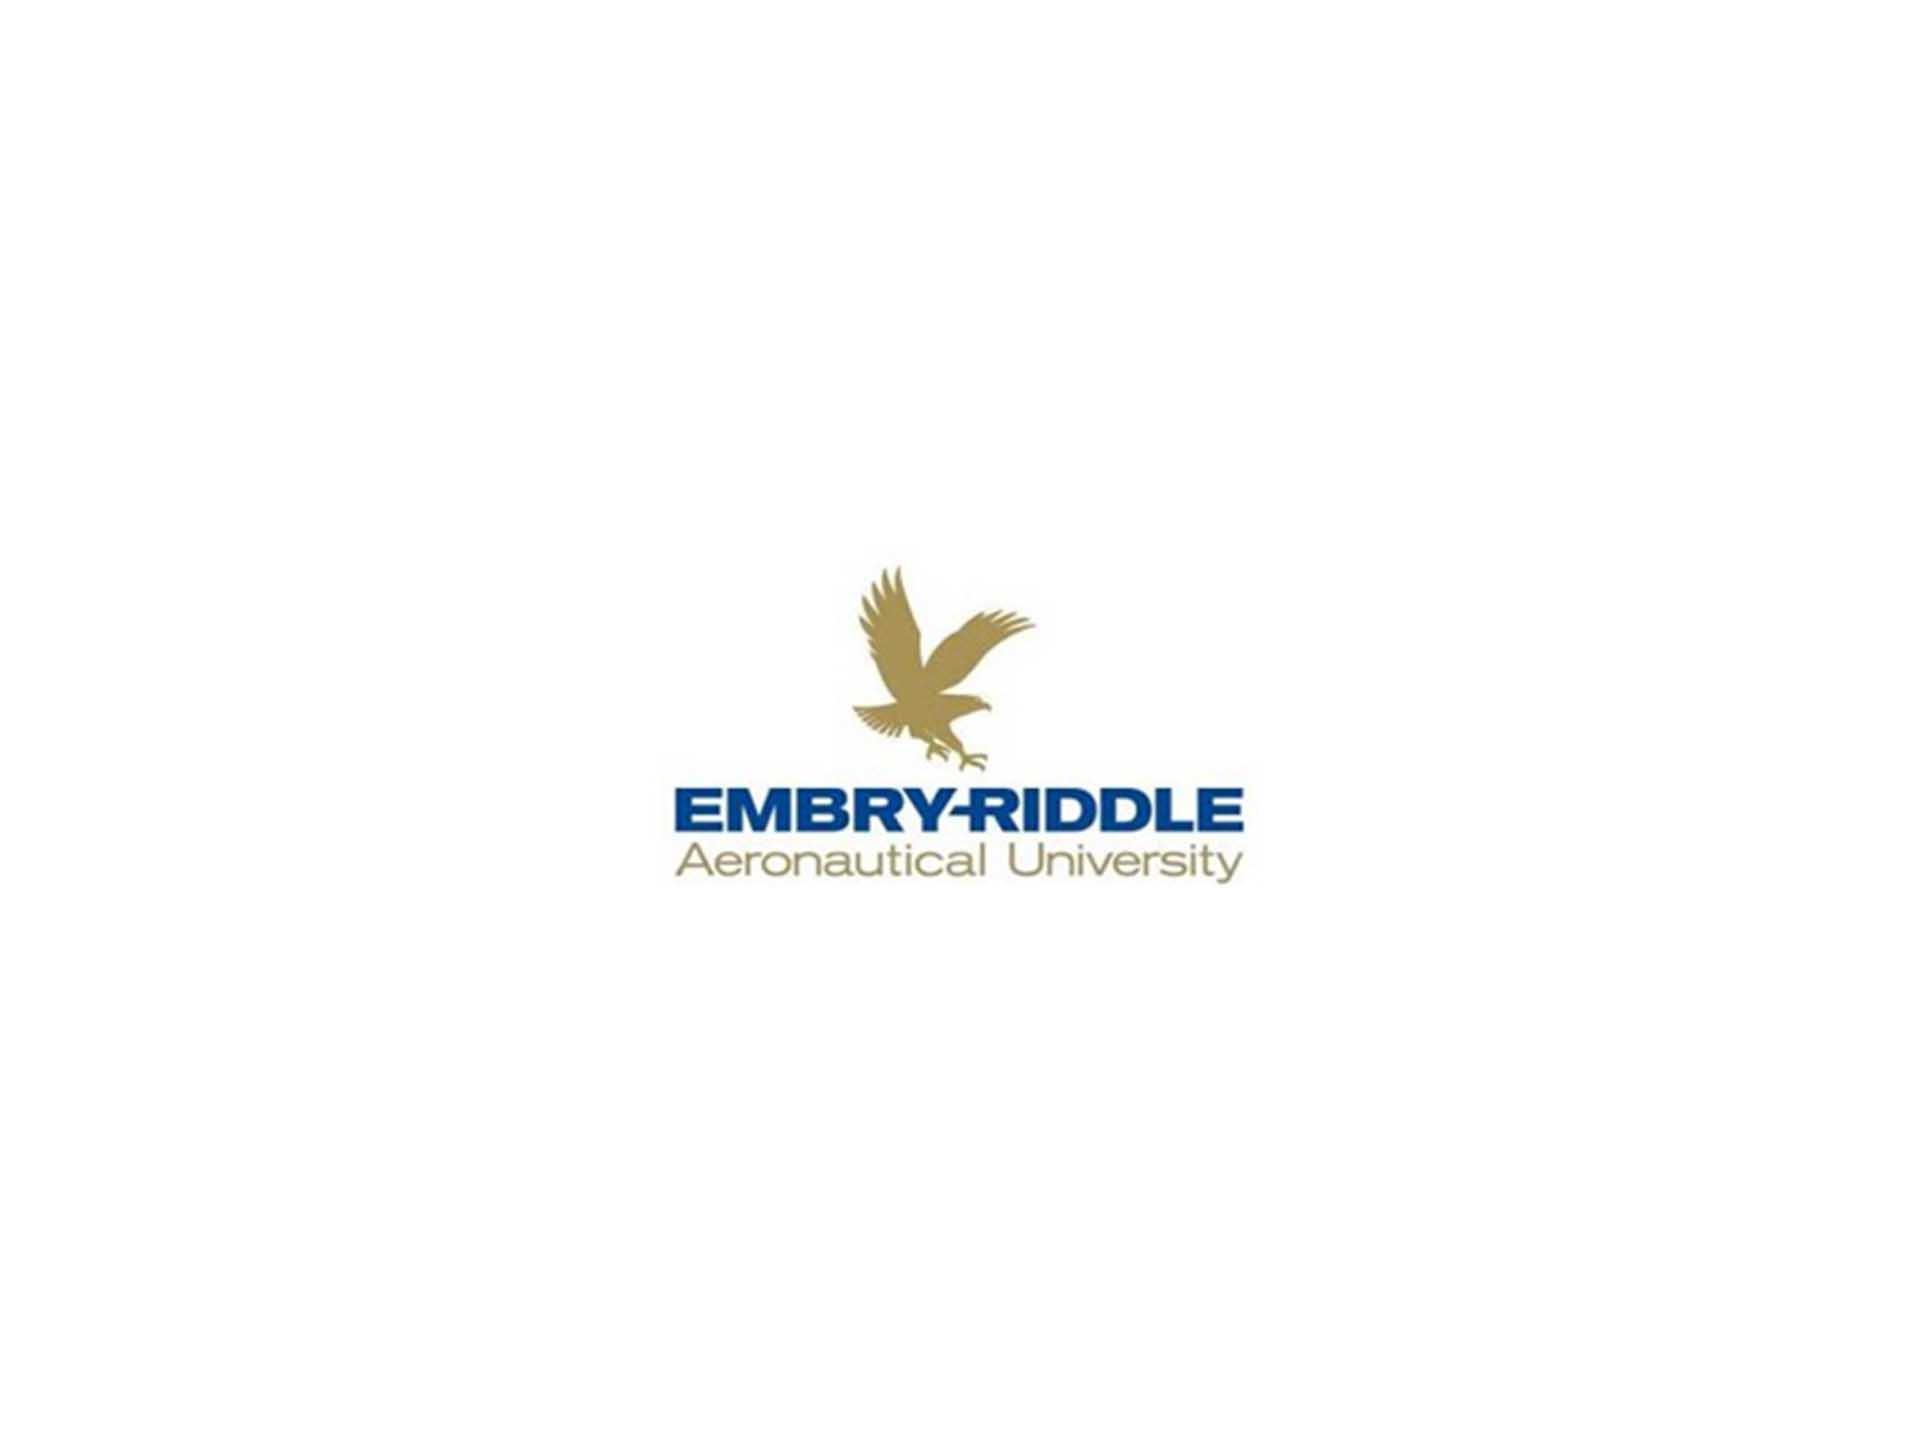 embry riddle university logo